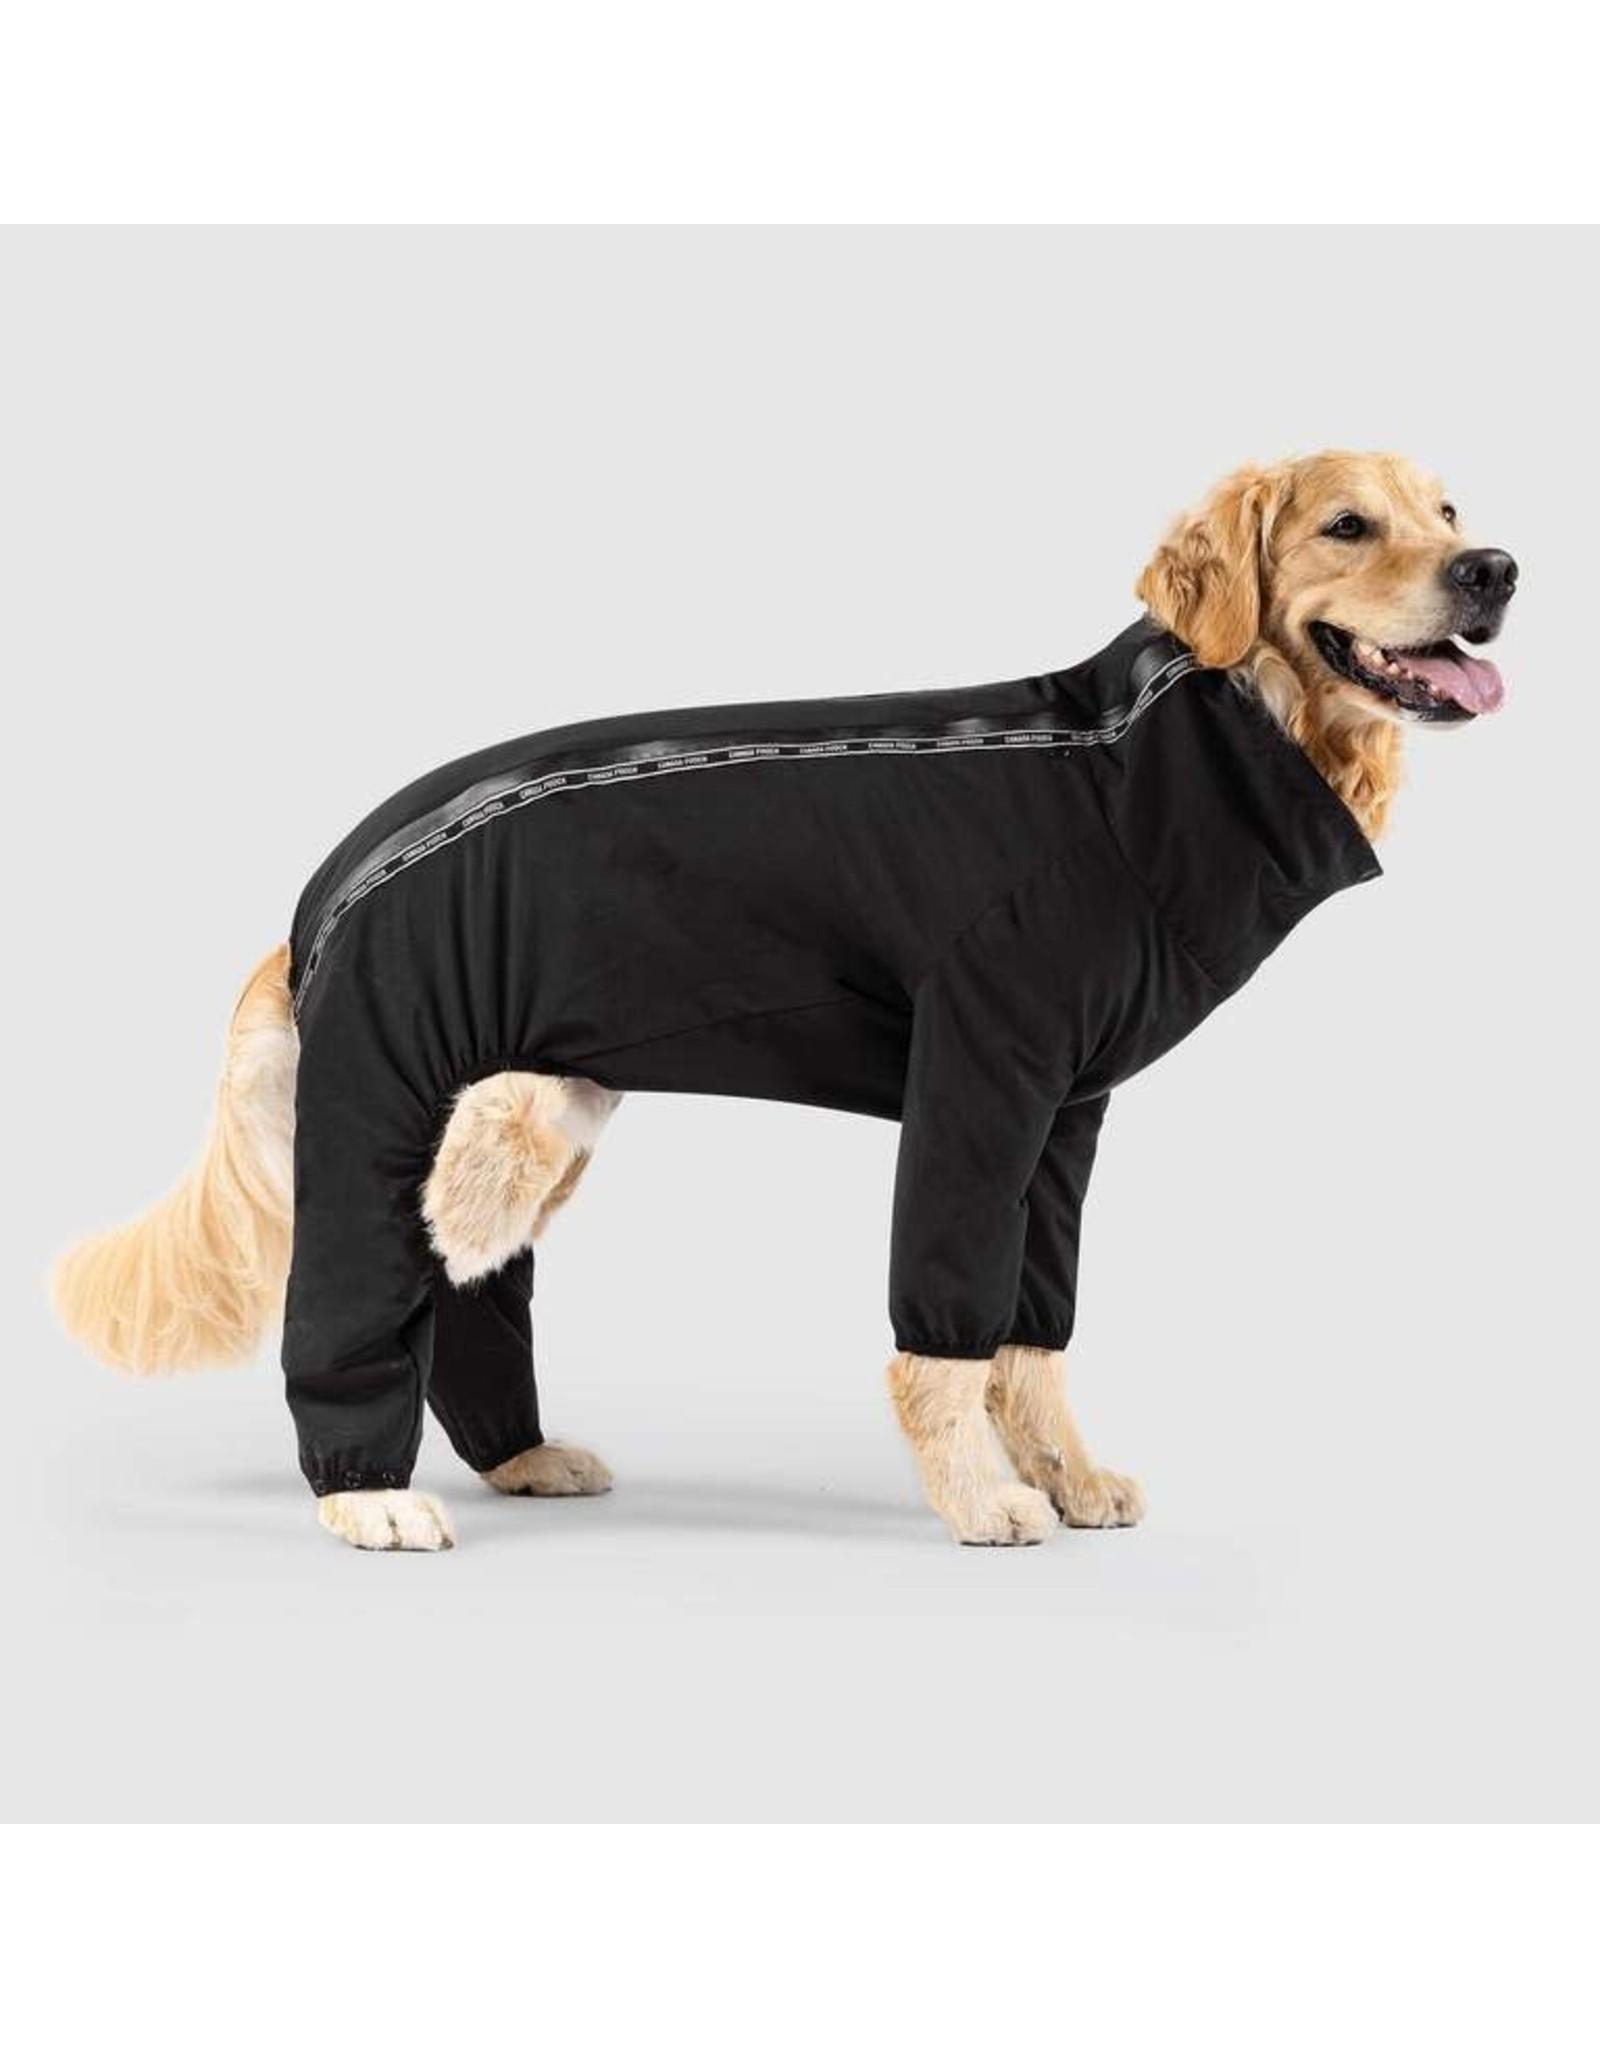 Canada Pooch CanadaPooch - SlushSuit Black 22